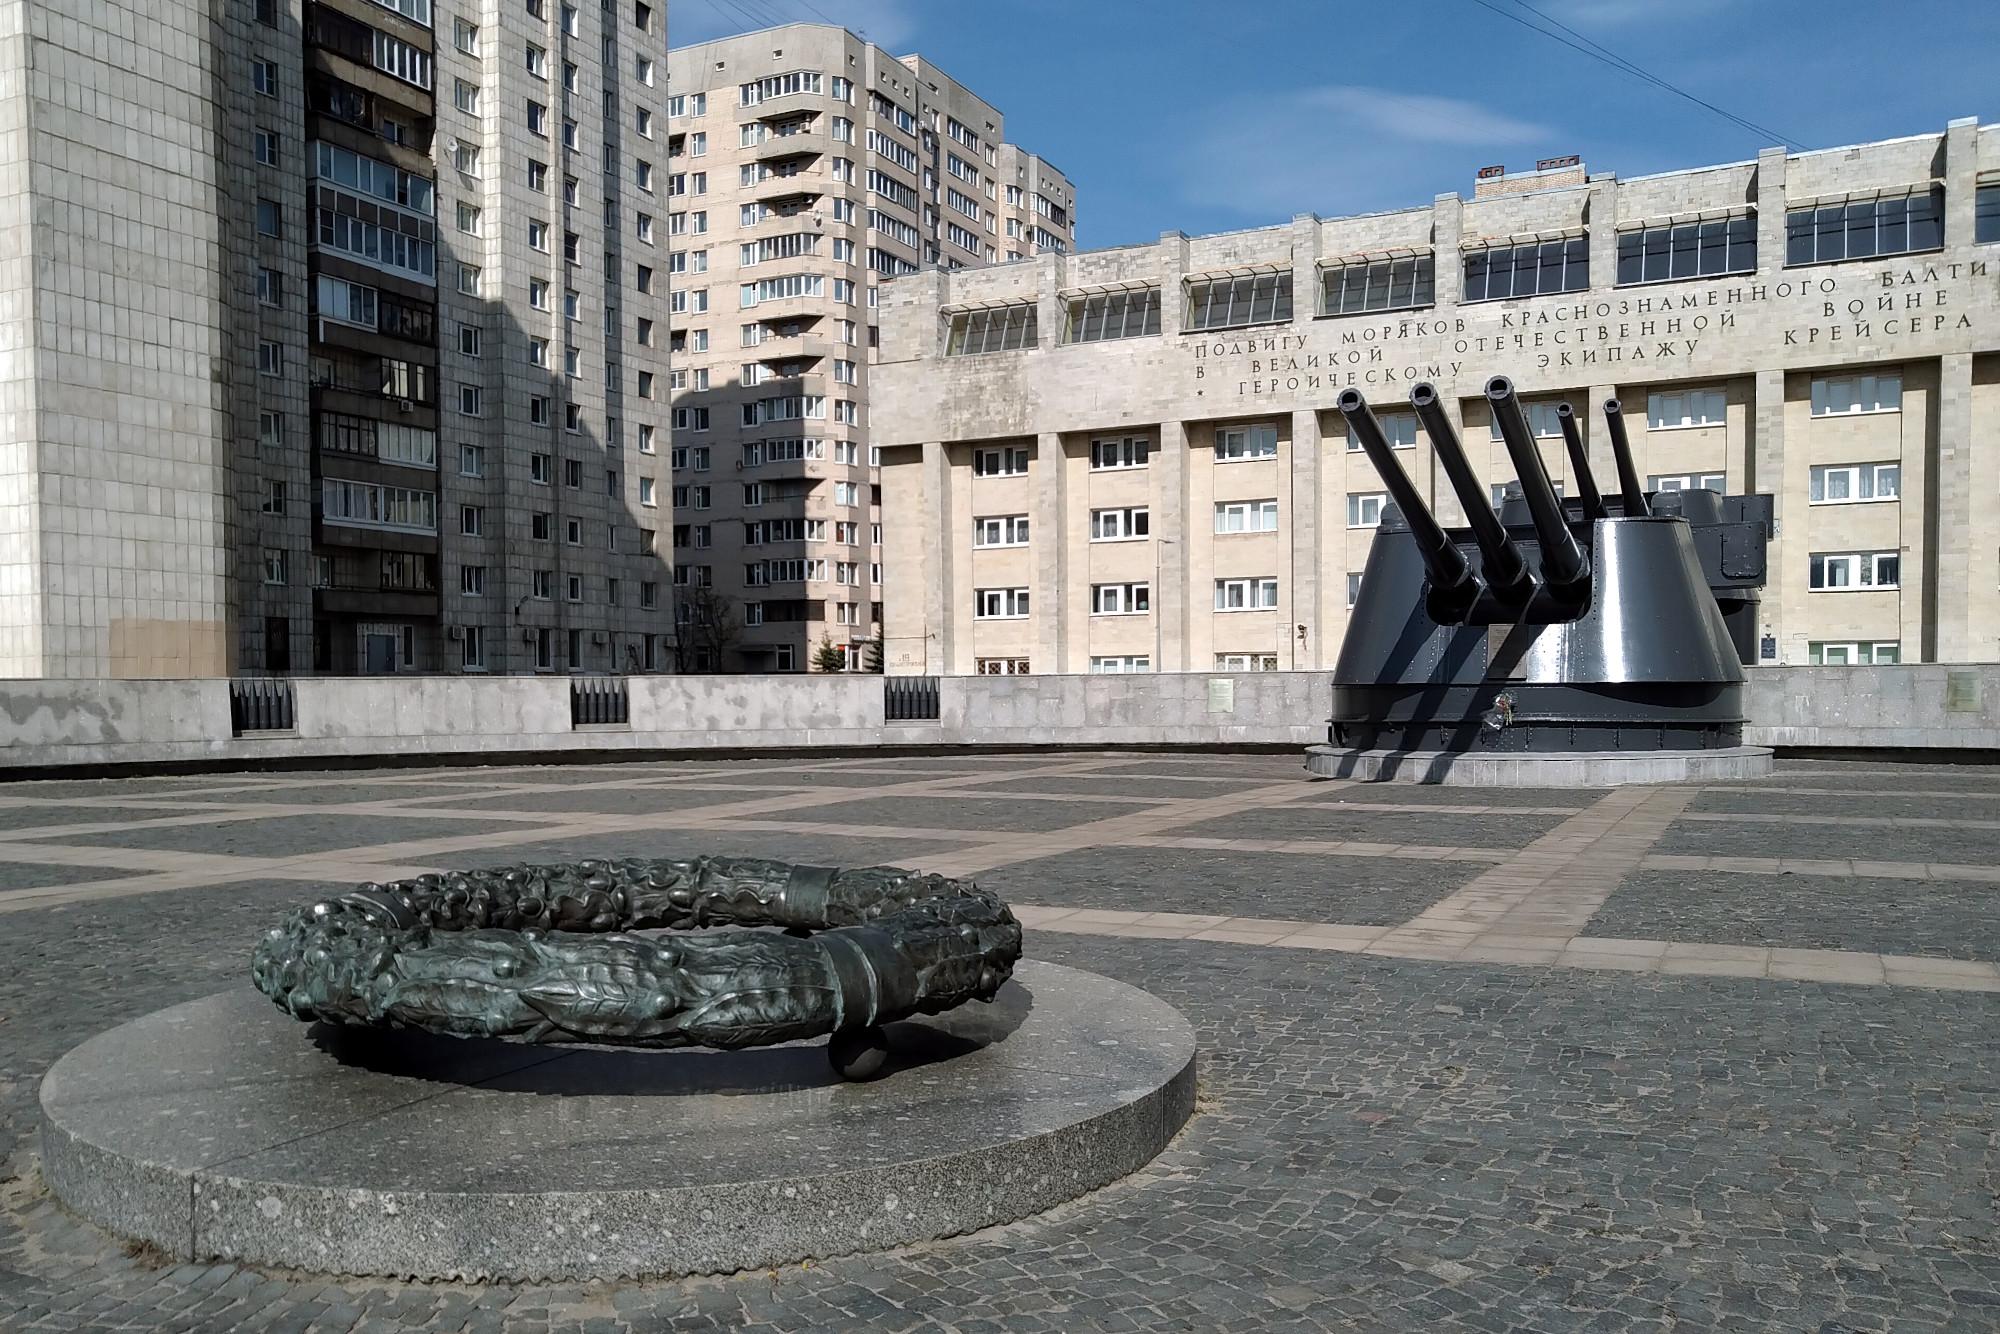 площадь Балтийского флота, памятник экипажу крейсера Киров